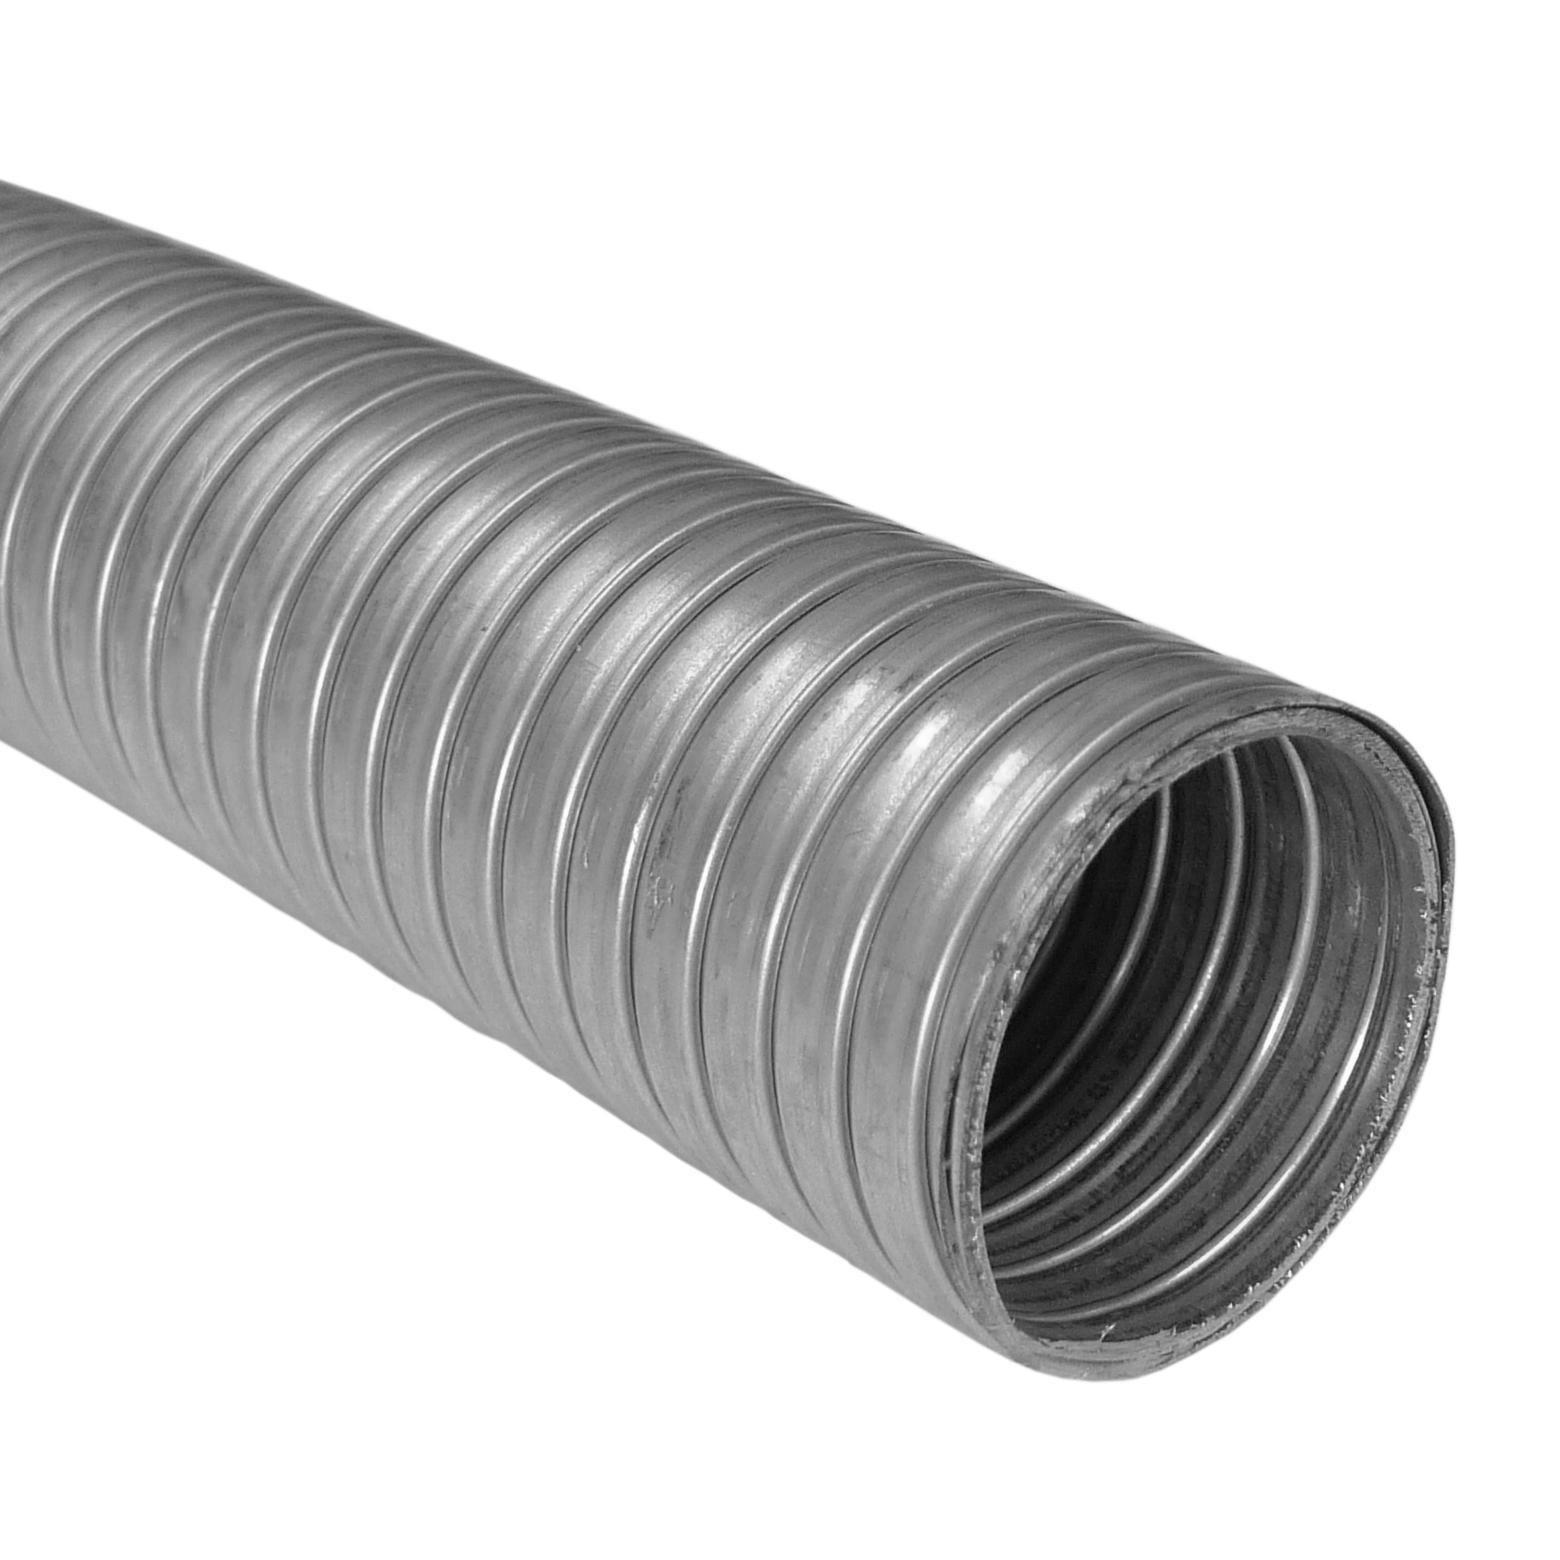 2 5 Flexible Exhaust Pipe : Flexible pipe per metre inch j flex merlin